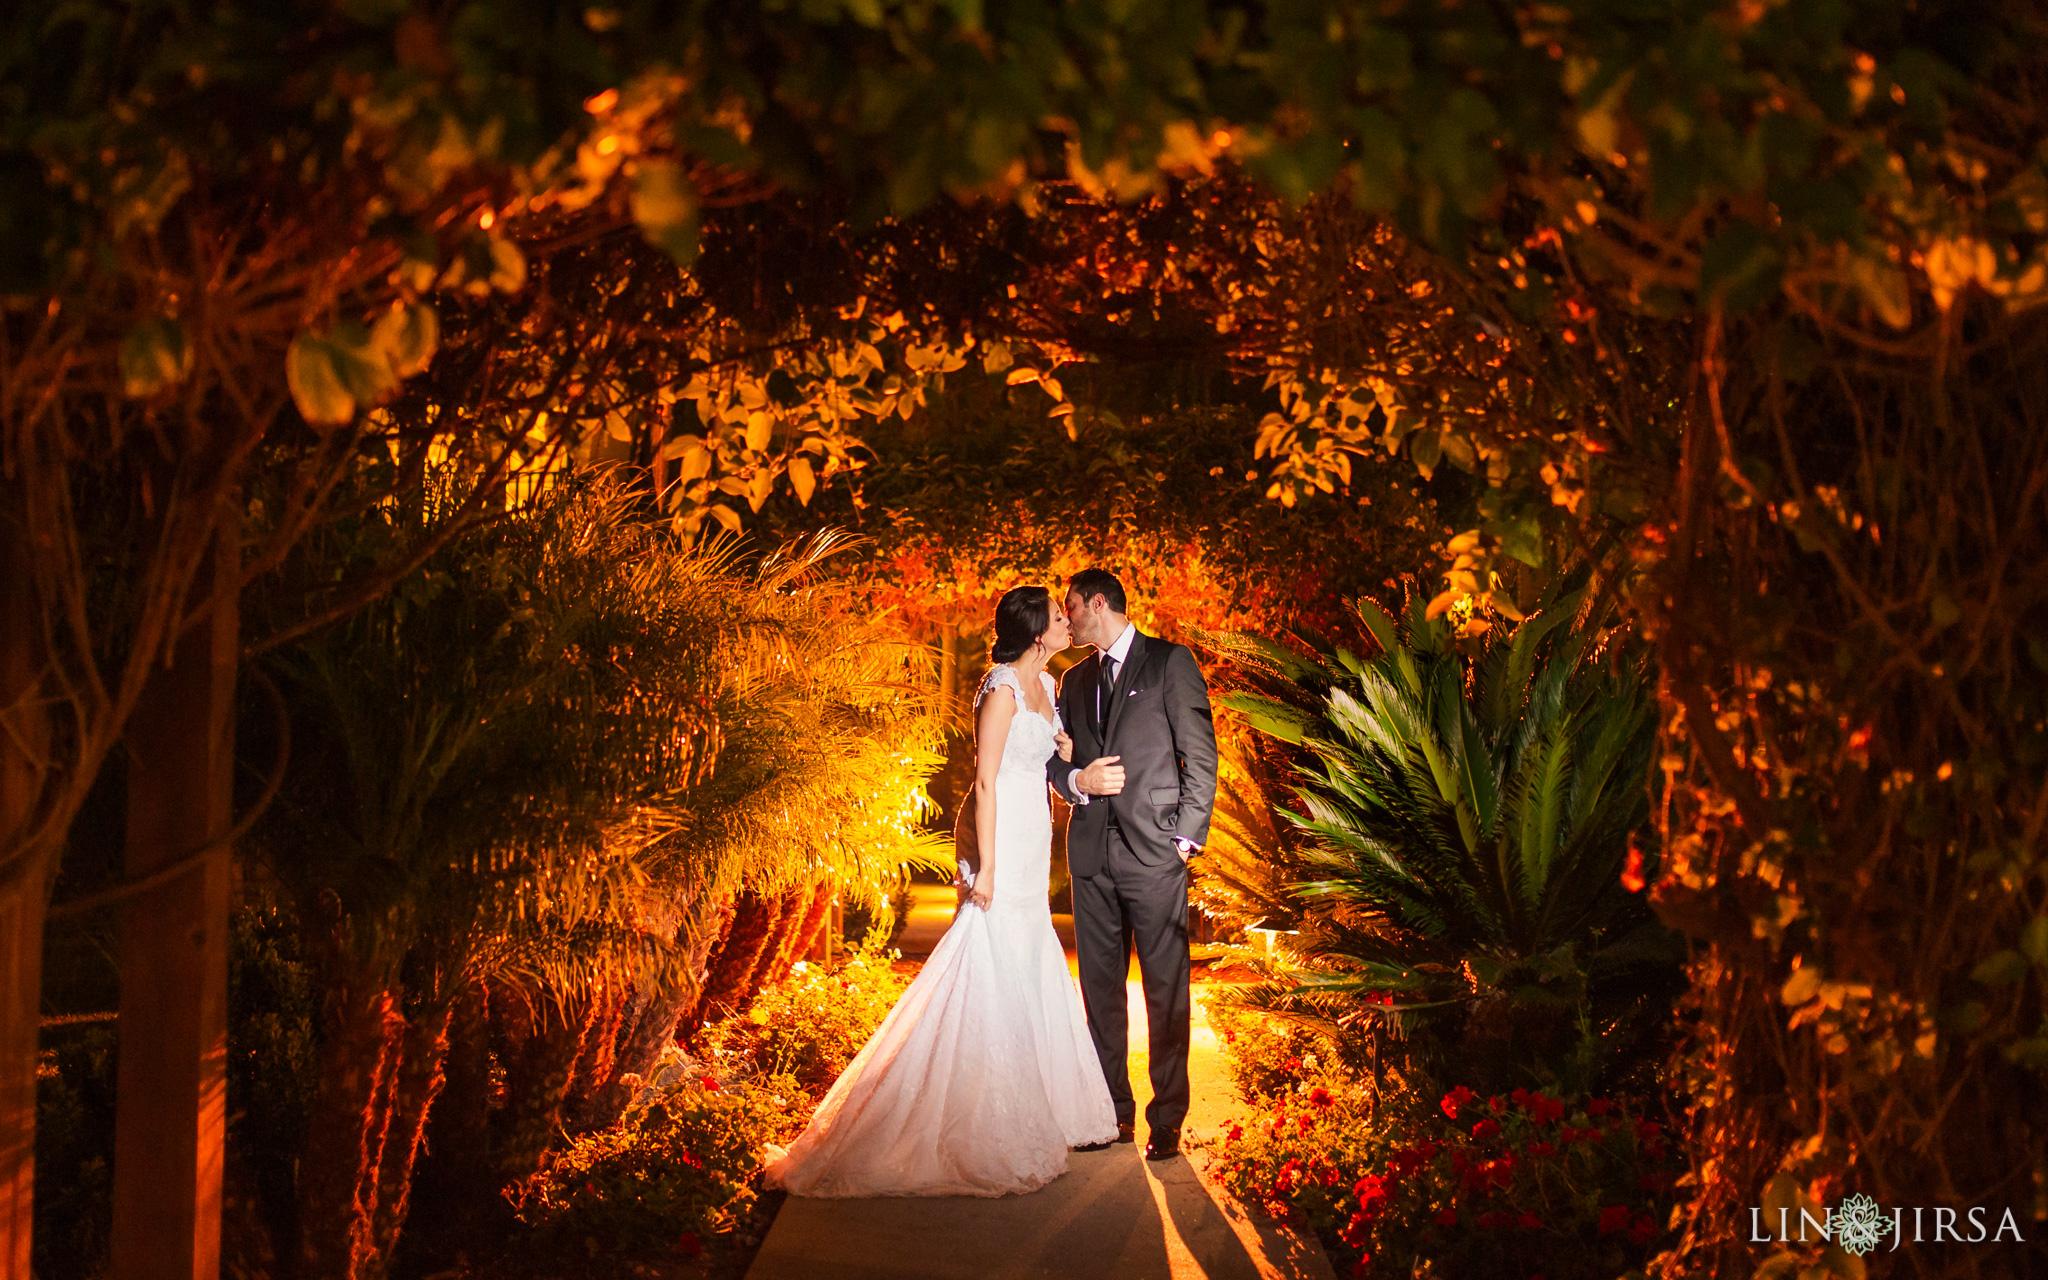 052 estancia la jolla hotel spa persian wedding photography